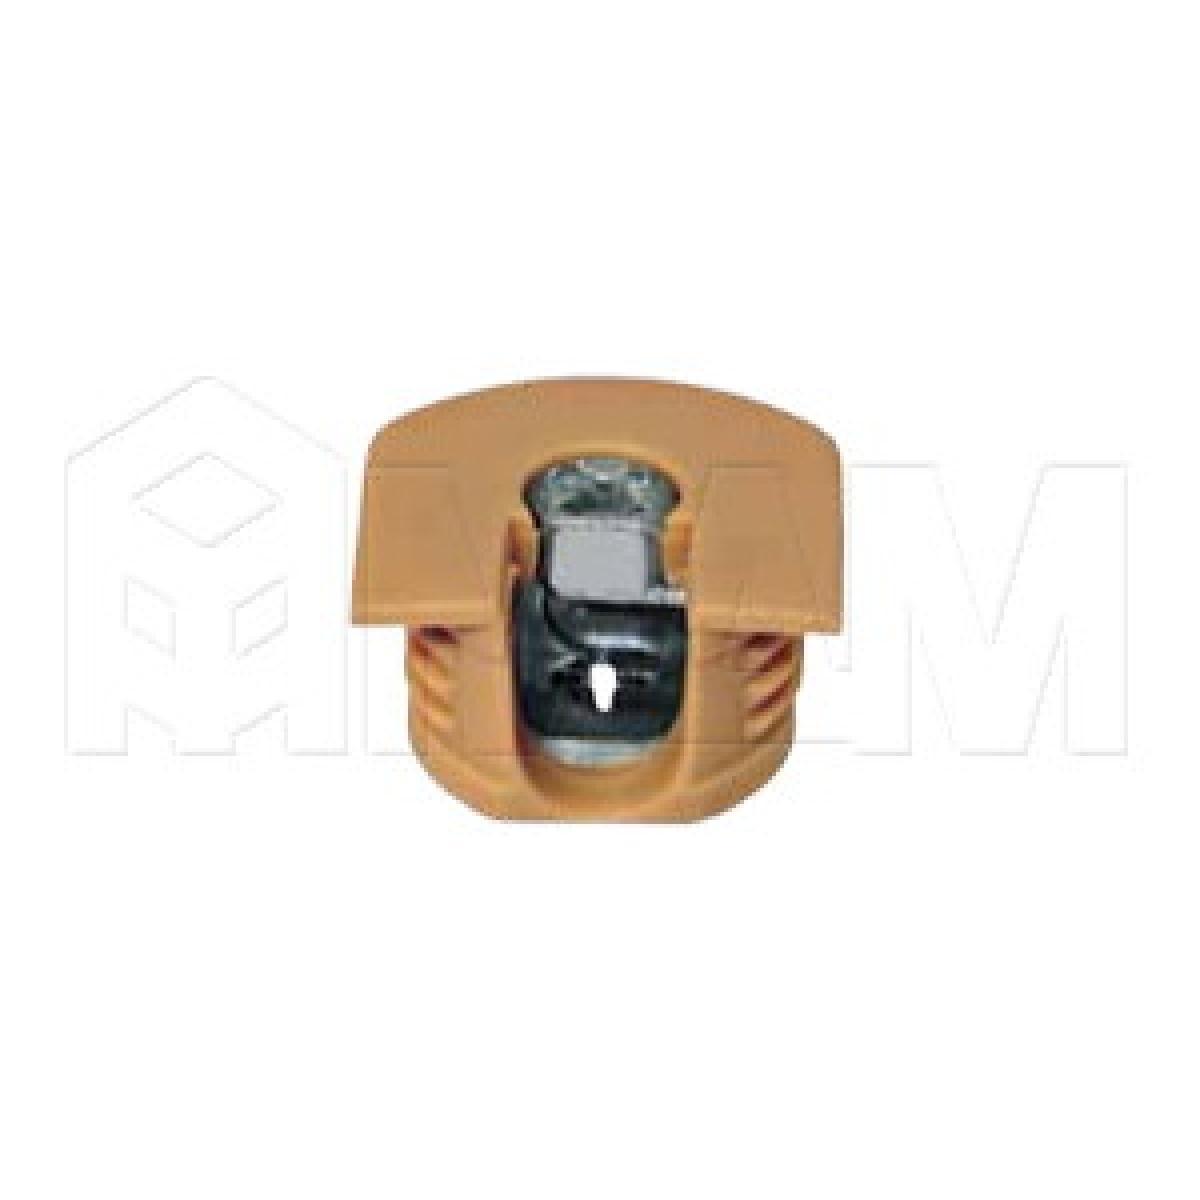 Эксцентрик усиленный в пластиковом корпусе 16 мм, бук